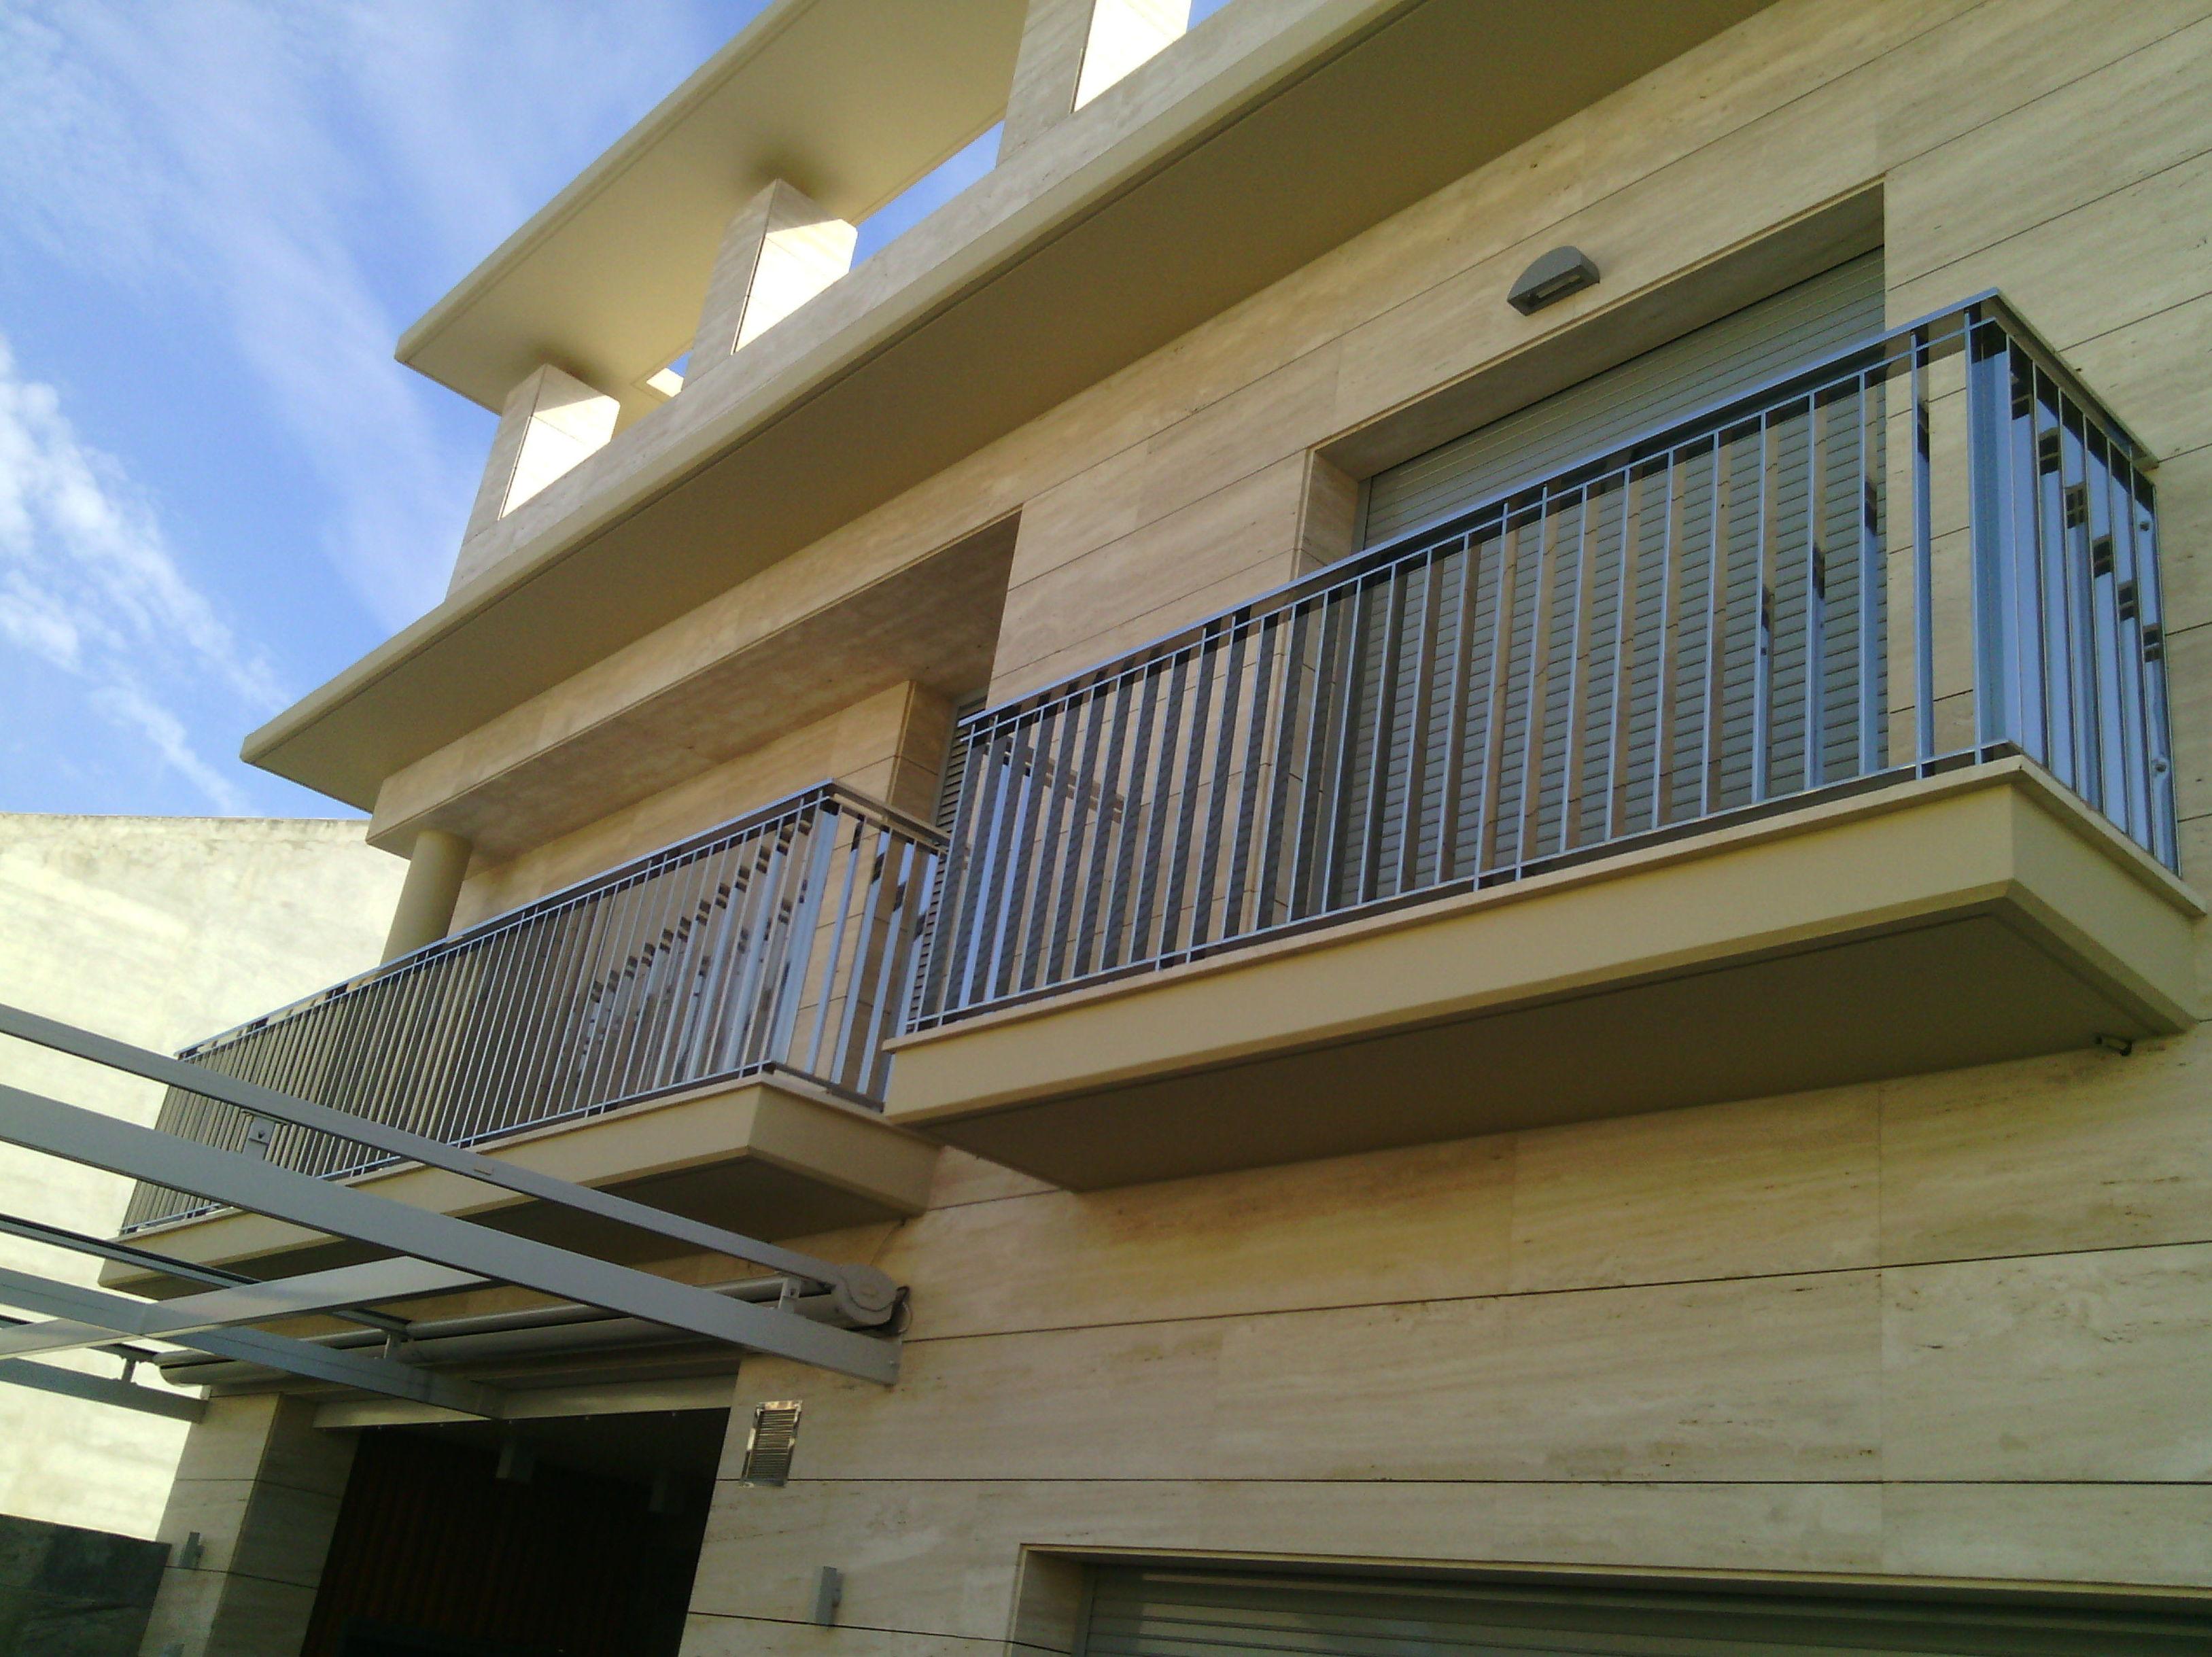 Barandilla para Balcón de Acero Inoxidable de barrotes